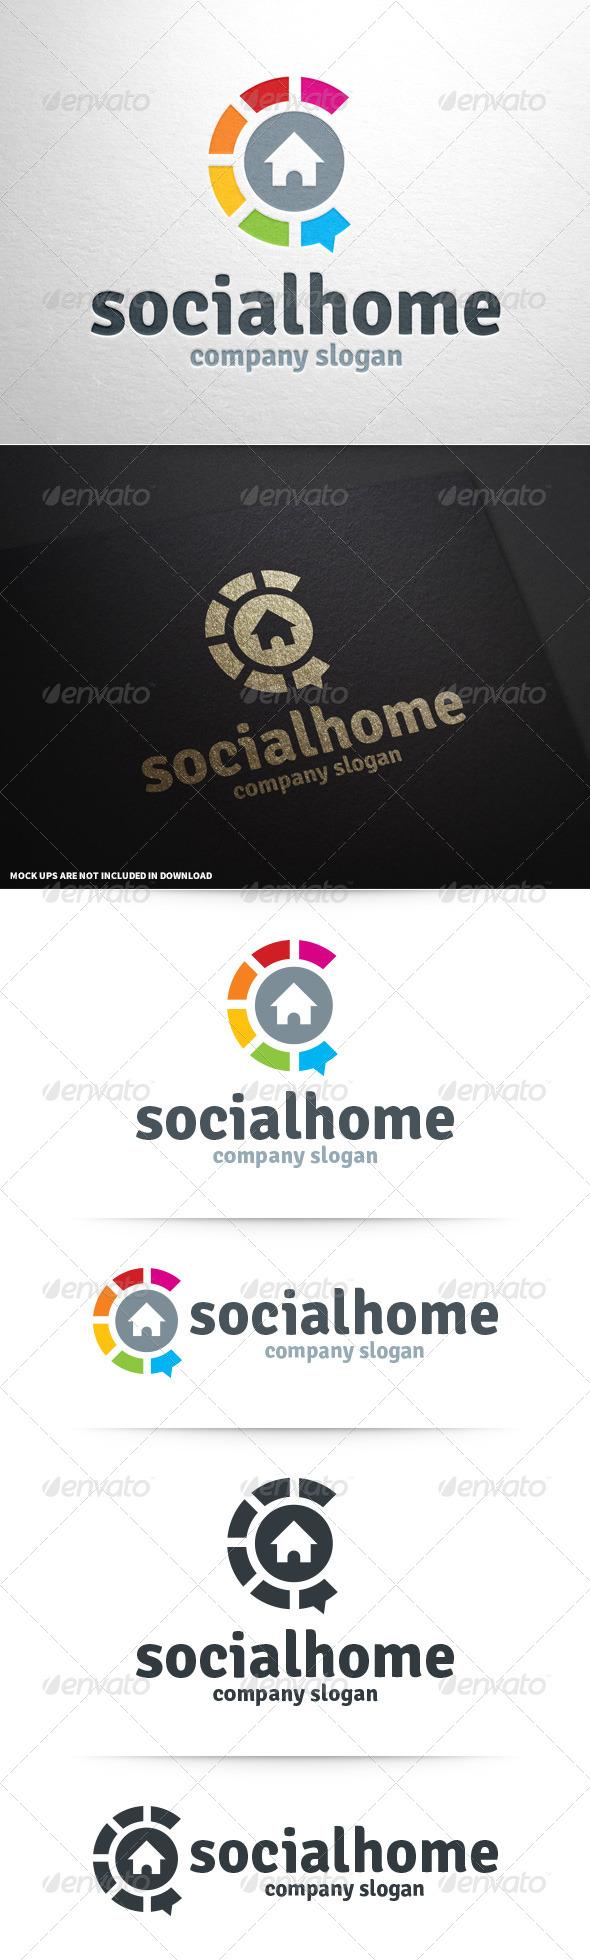 GraphicRiver Social Home Logo Template 8751693